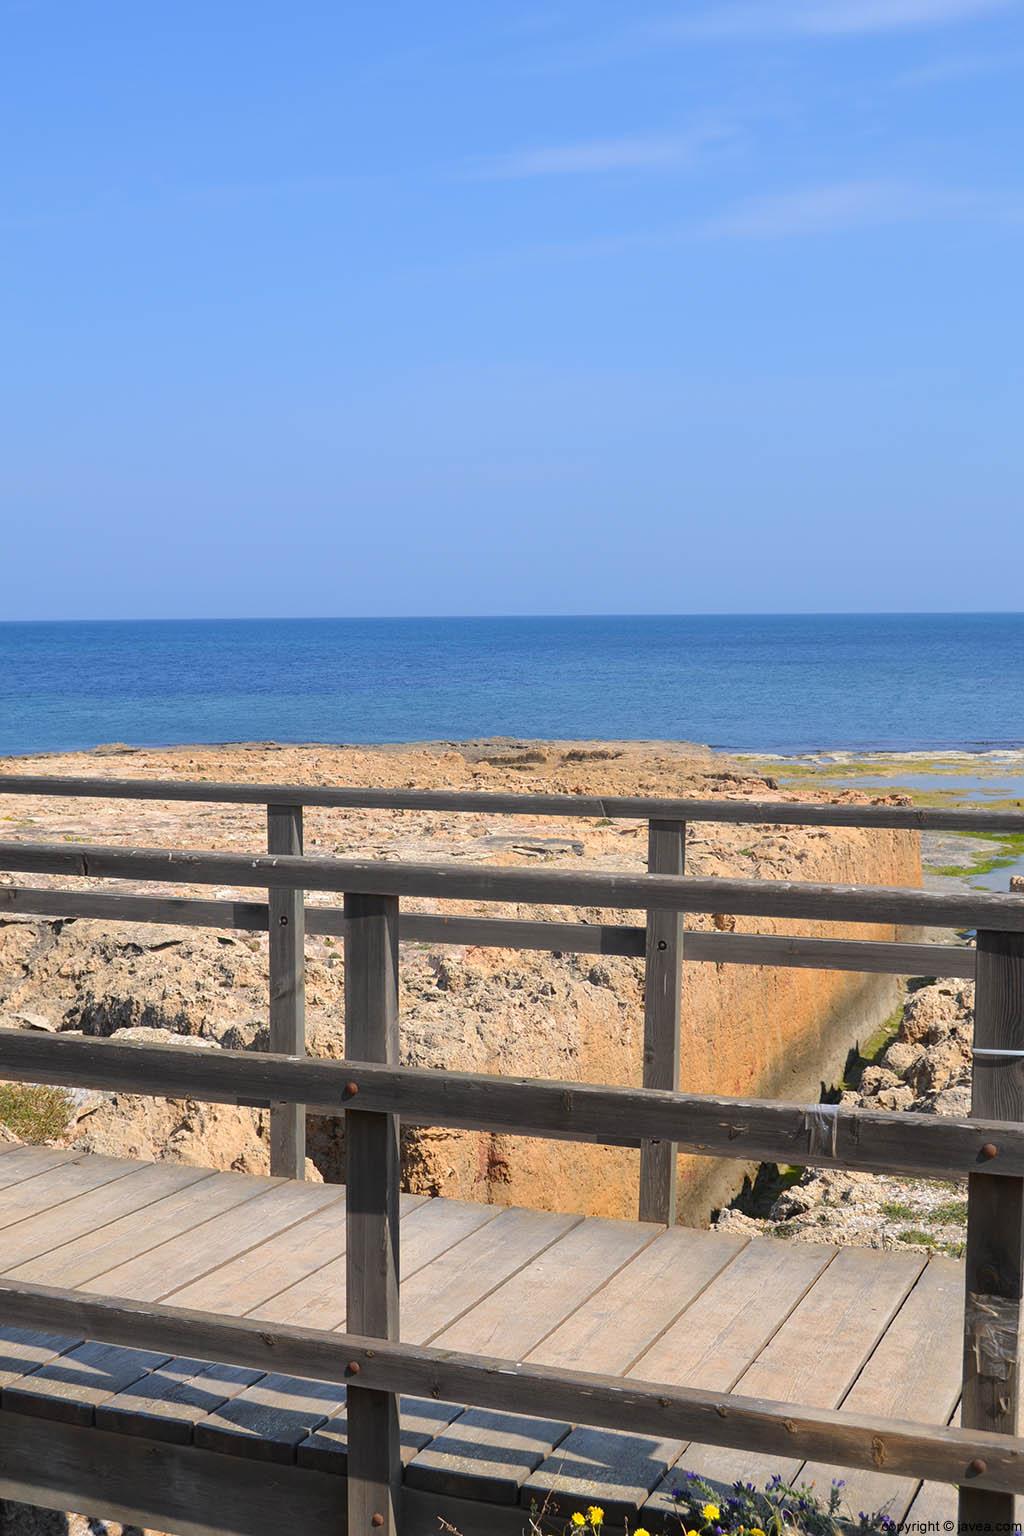 Mirador de la séquia de la nória en la playa del segón muntanyar de Xàbia